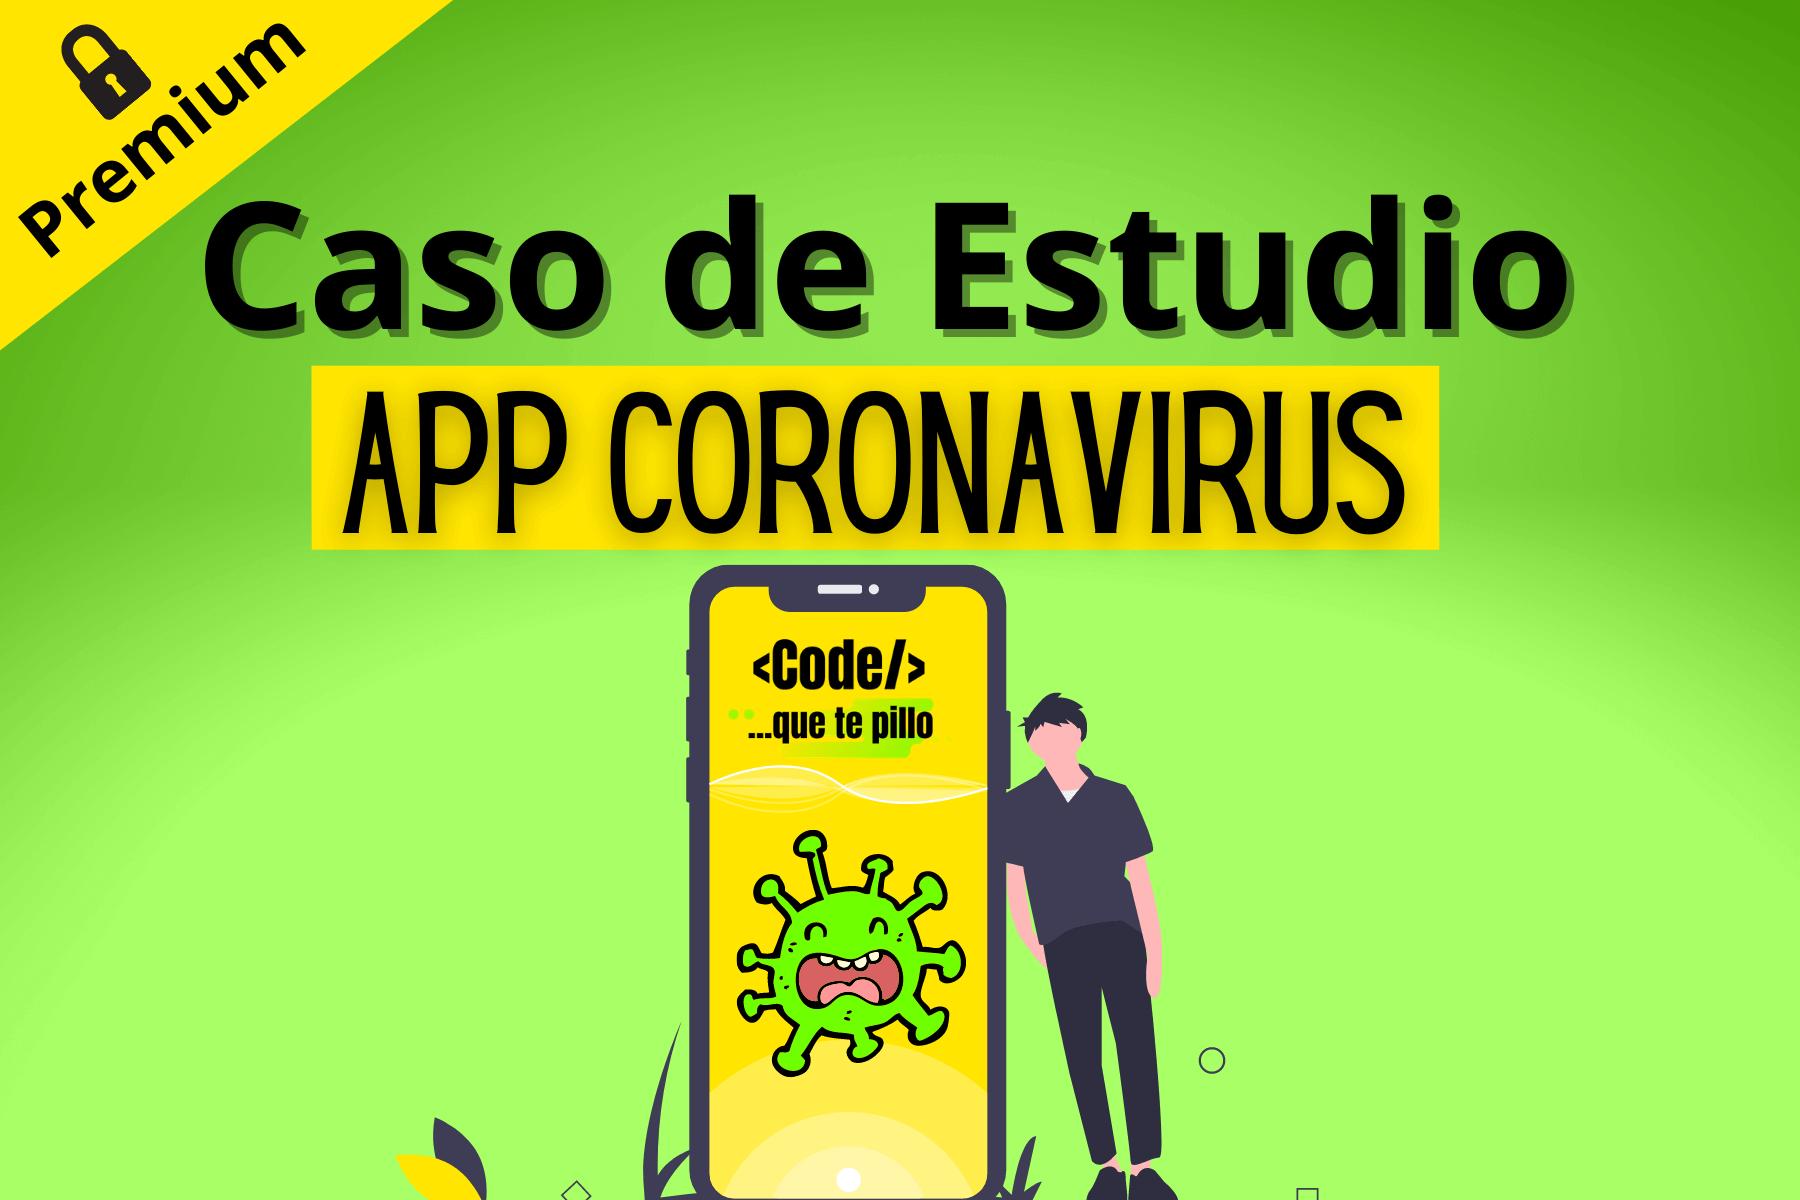 Caso de Estudio App Coronavirus